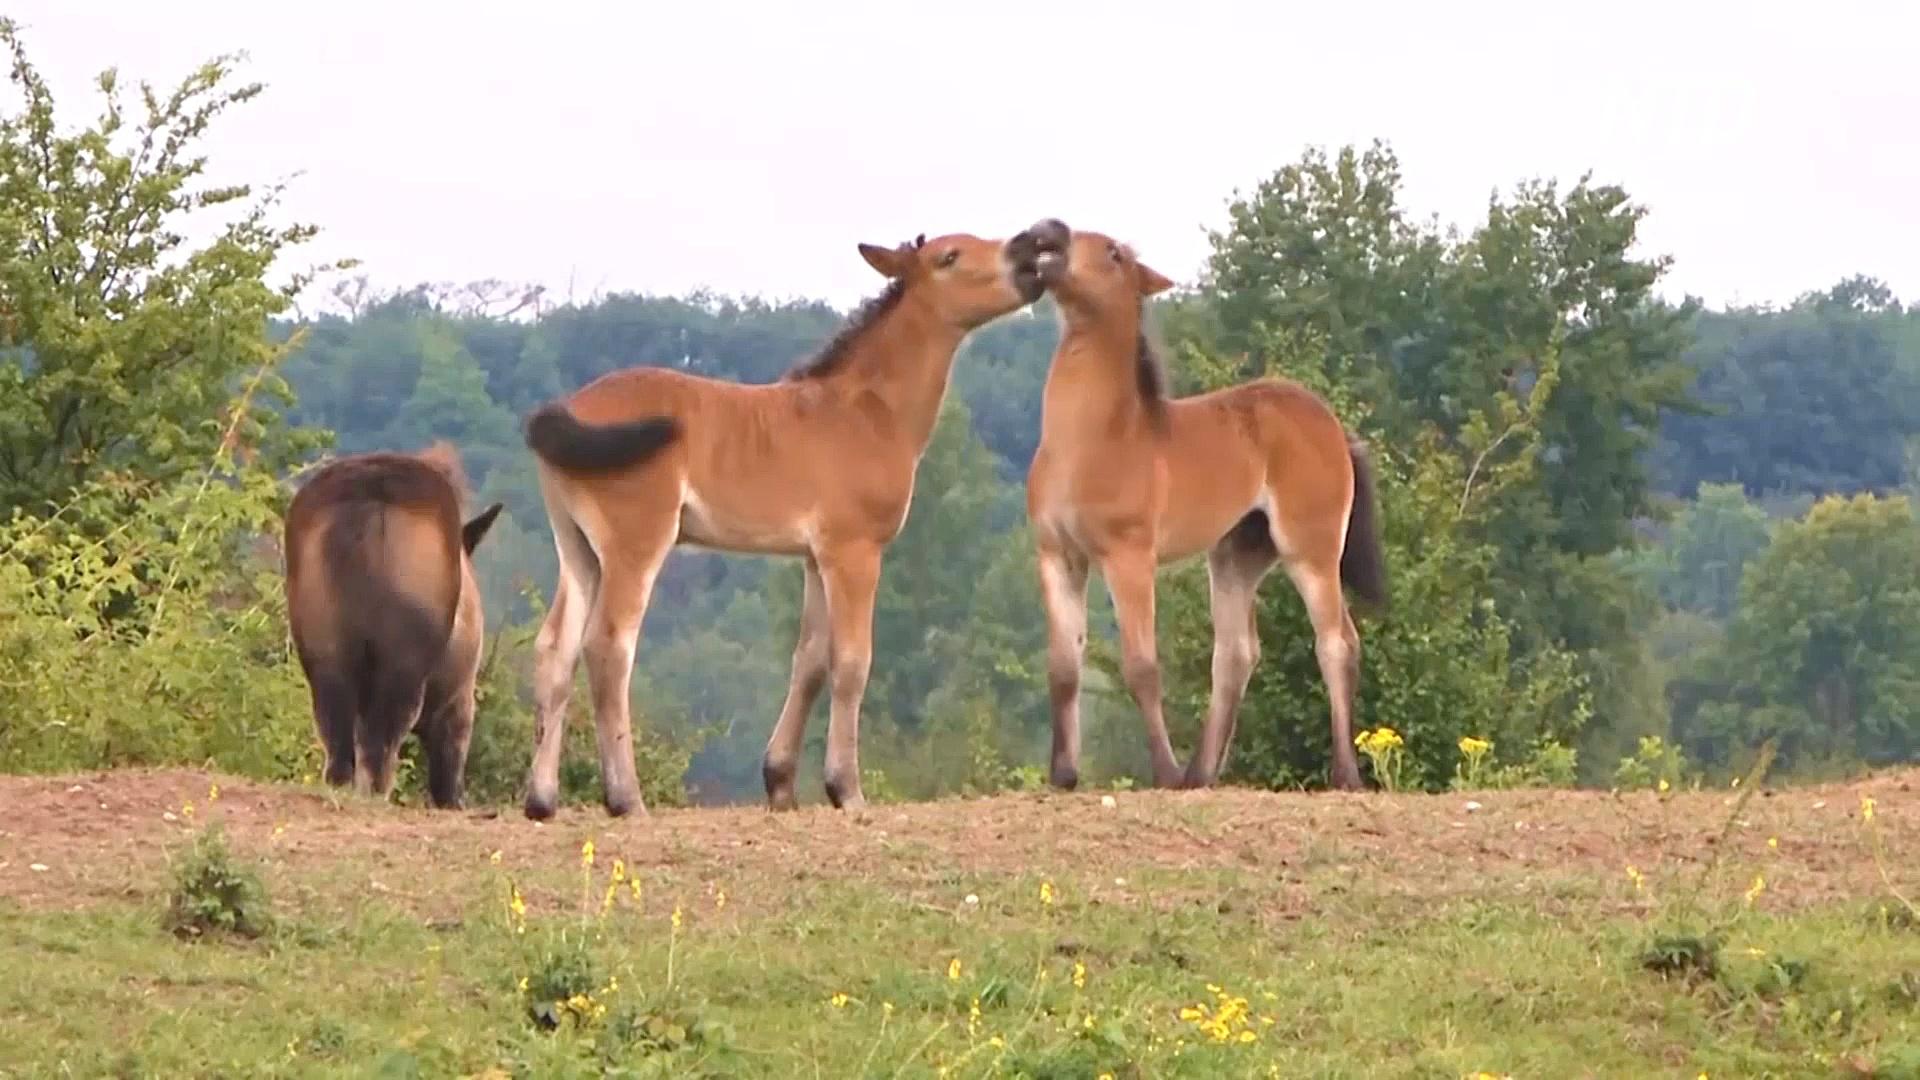 Дикие лошади и зубры восстанавливают биоразнообразие природы в Чехии